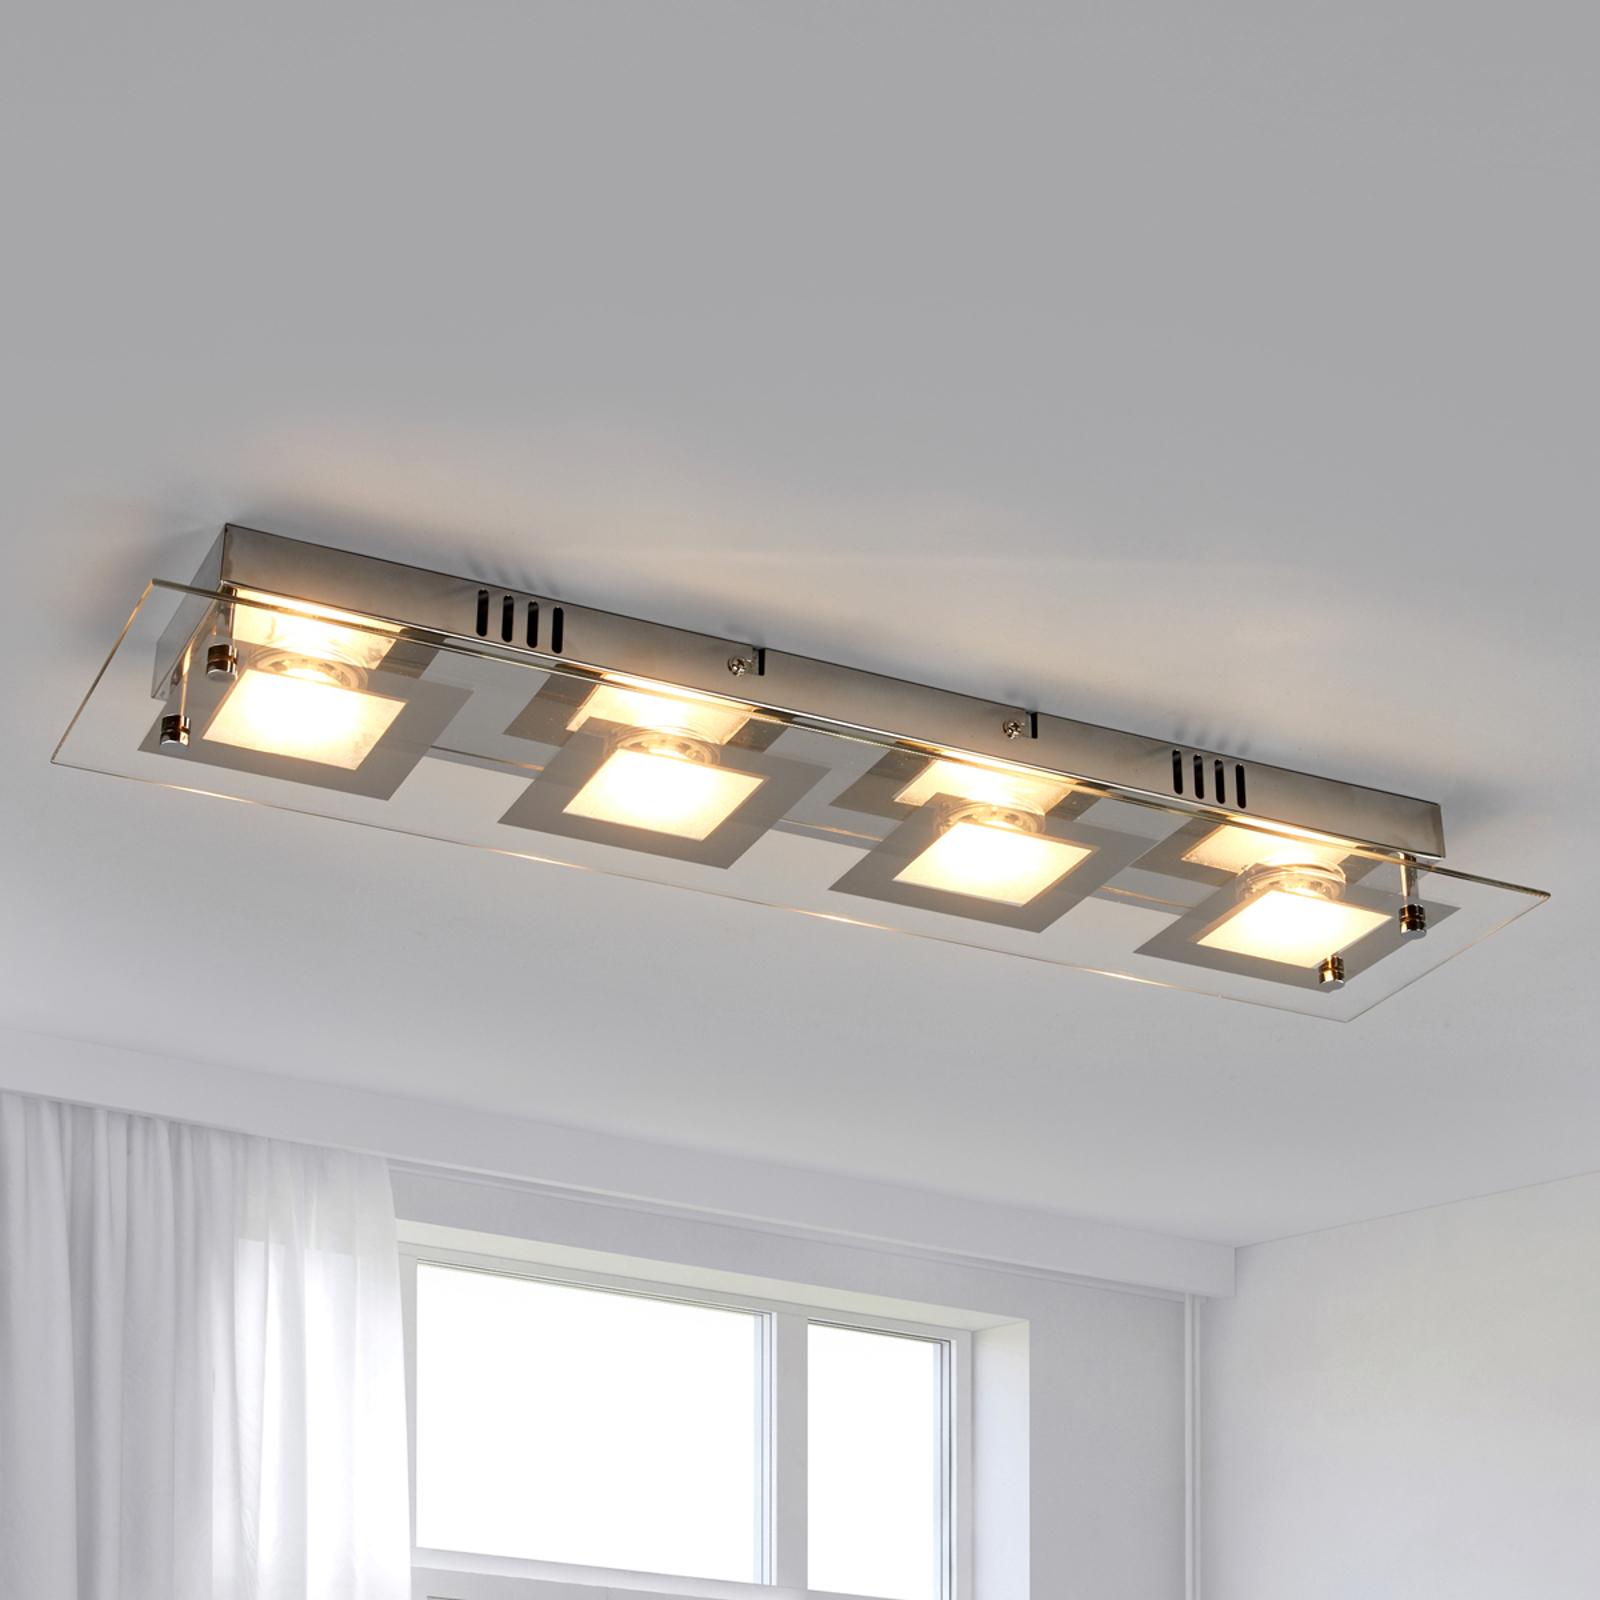 Podłużna lampa sufitowa LED Manja z chromowymi el.